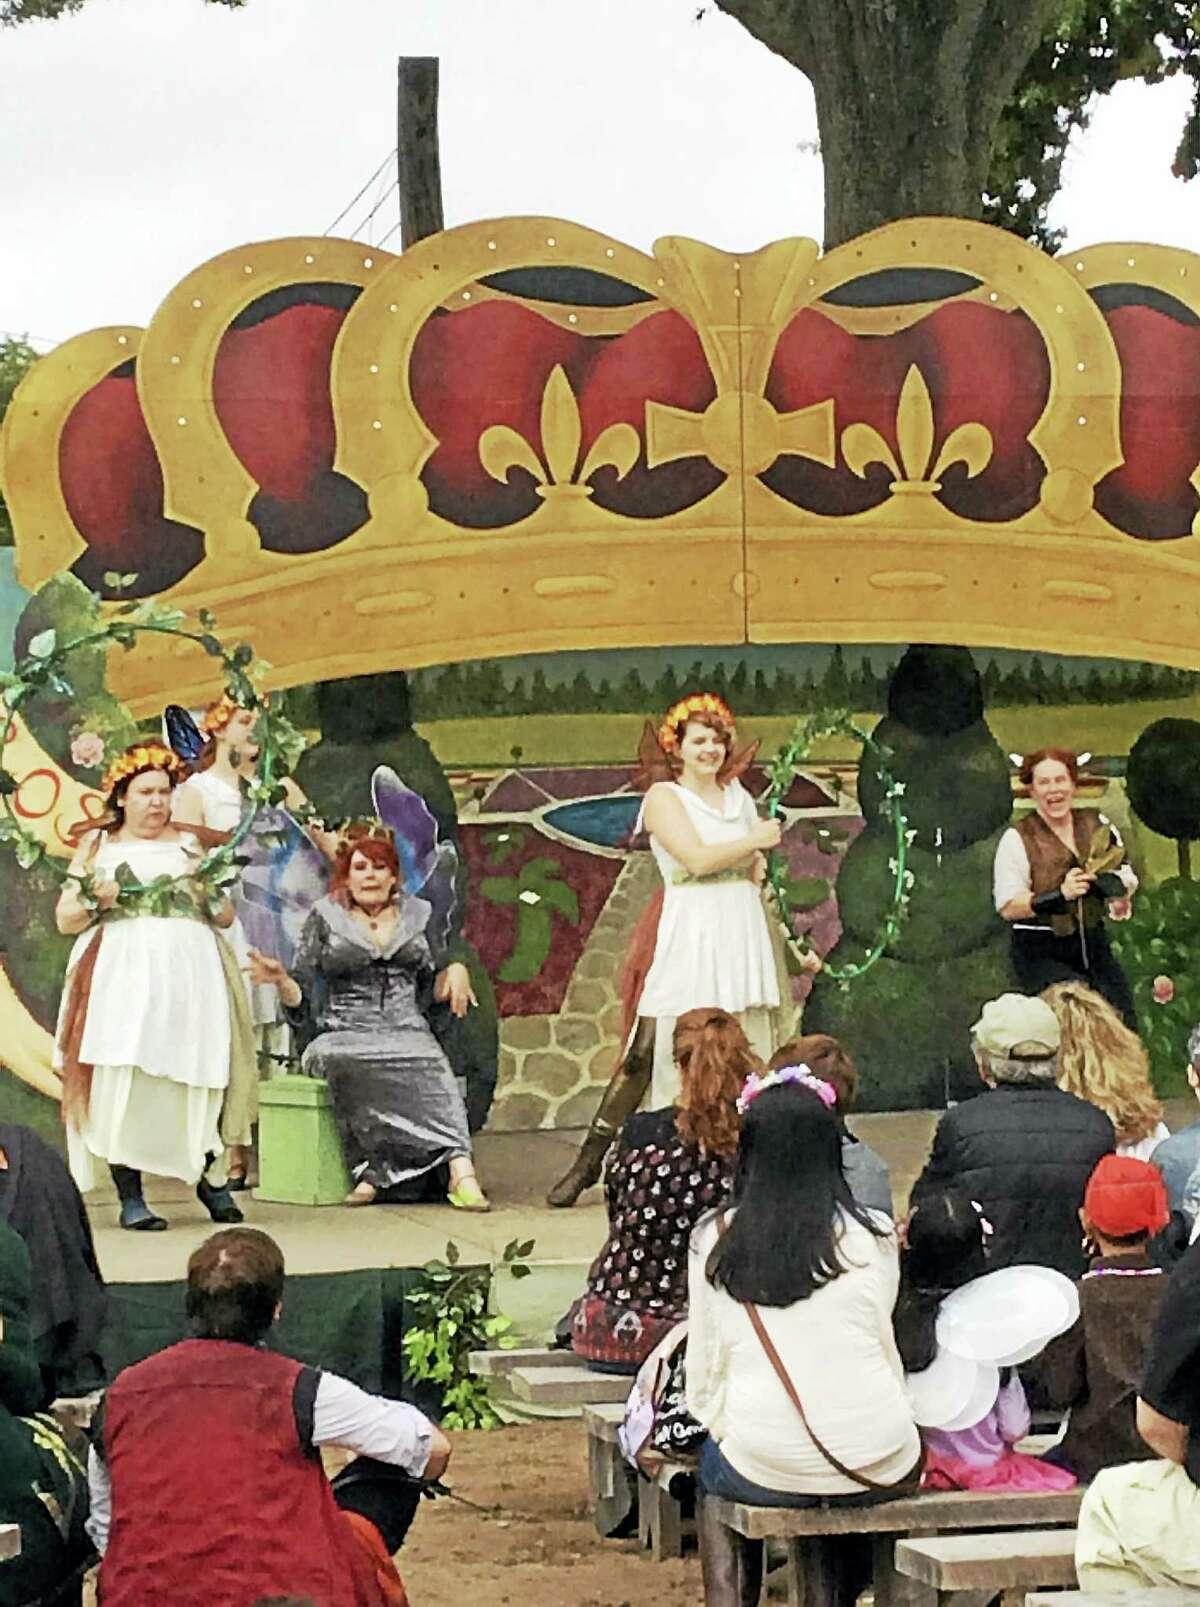 A stage event at Connecticut Renaissance Faire last week.